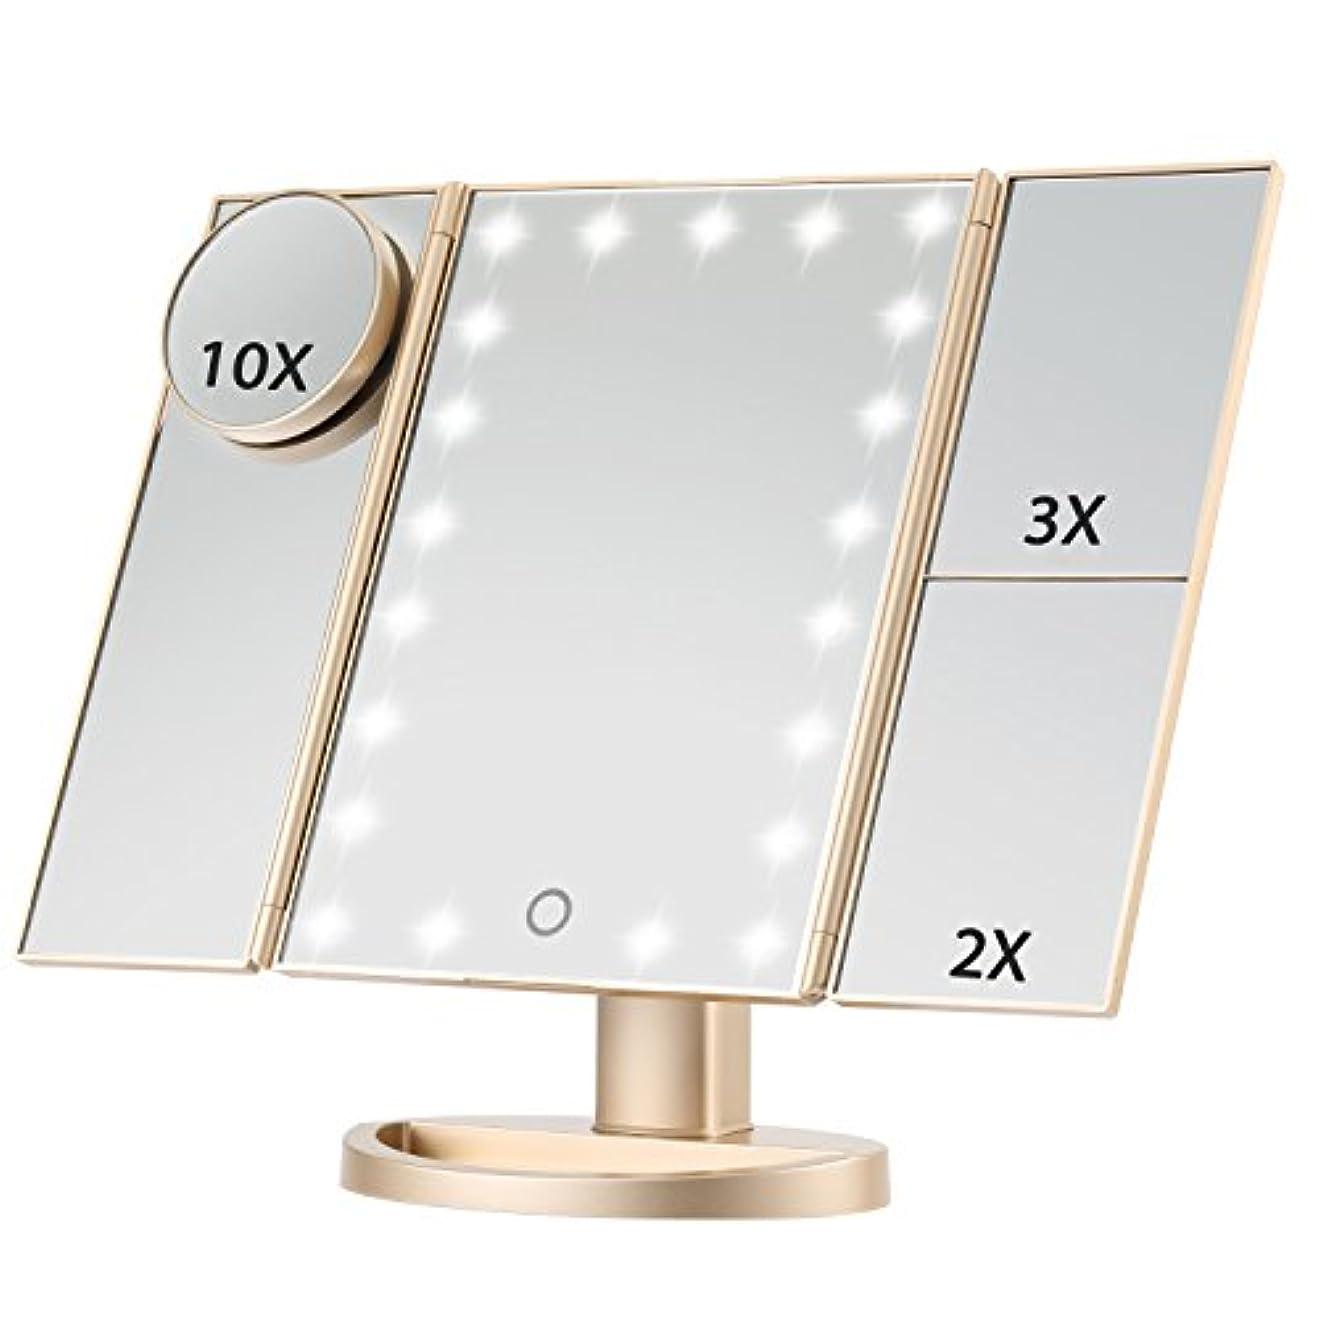 ゴミ箱を空にする要旨理論的Magicfly 化粧鏡 LED三面鏡 ミラー 折り畳み式 10X /3X/2X拡大鏡付き 明るさ調節可能180°回転 電池/USB 2WAY給電 (ゴルード)